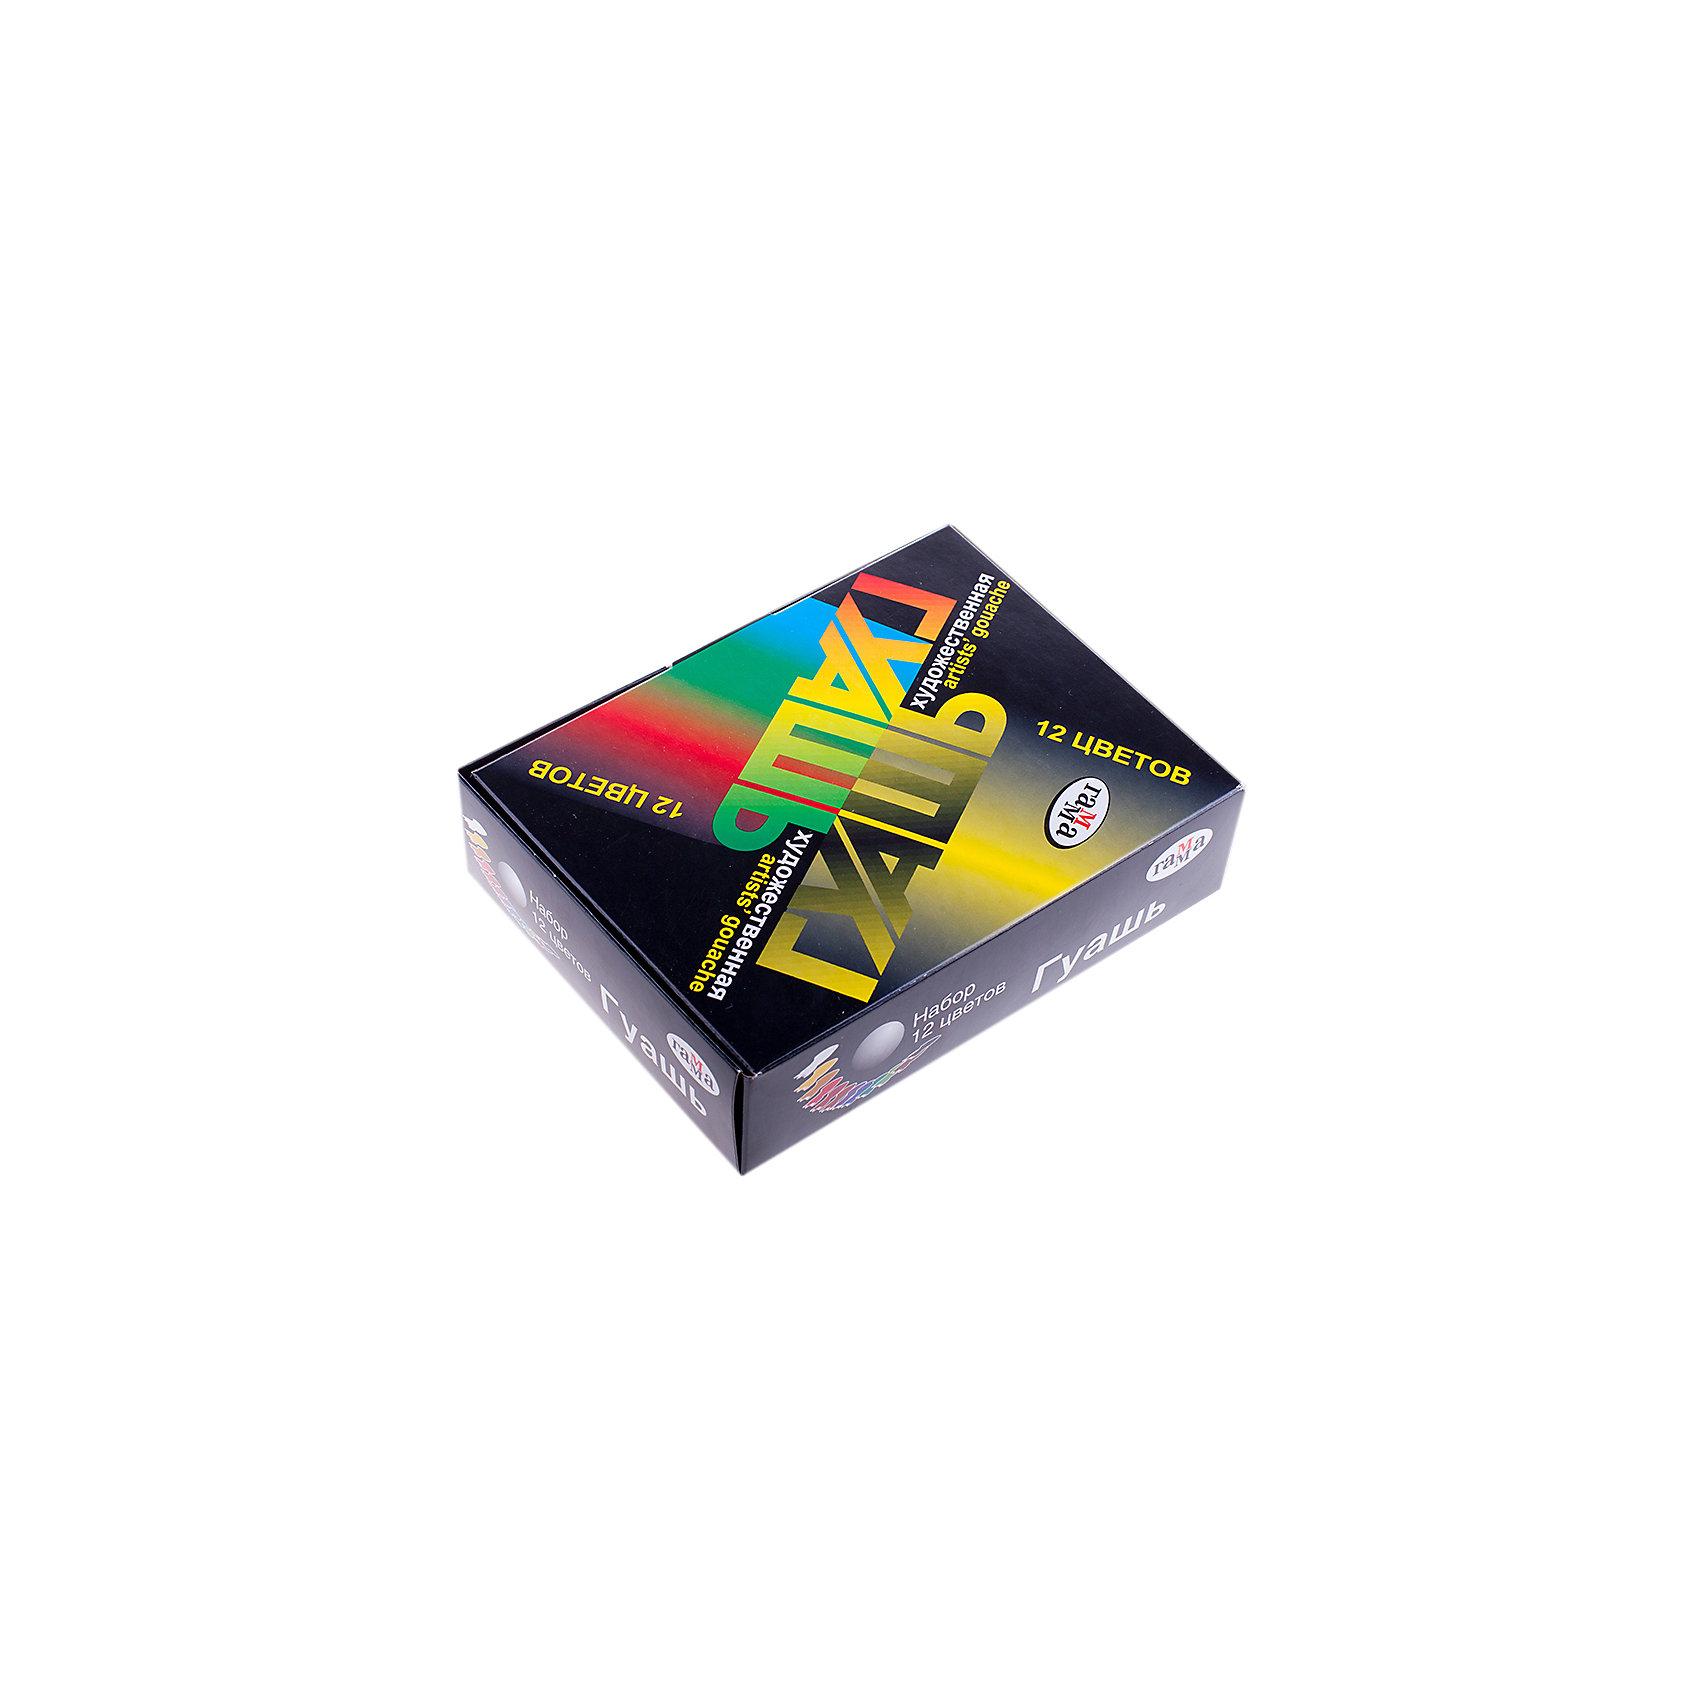 Гуашь ХУДОЖЕСТВЕННАЯ 12 цветов 20мл ГаммаРисование и лепка<br>Характеристики:<br><br>• возраст: от 5 лет<br>• в наборе: 12 баночек с разноцветной гуашью по 20 мл.<br>• упаковка: картонная коробка<br>• размер упаковки: 16х12х4,5 см.<br><br>Гуашь «Художественная» Гамма предназначена для детского творчества, выполнения художественно-декоративных, оформительских работ.<br><br>Гуашь обладает хорошей кроющей способностью, насыщенностью и чистотой цвета, прекрасно смешивается между собой, создавая новые чистые оттенки.<br><br>Гуашь изготовлена на основе натуральных компонентов и высококачественных пигментов. Пластиковые баночки с герметично завинчивающейся крышкой легко открываются и закрываются.<br><br>Гуашь ХУДОЖЕСТВЕННАЯ 12 цветов 20мл Гамма можно купить в нашем интернет-магазине.<br><br>Ширина мм: 160<br>Глубина мм: 120<br>Высота мм: 45<br>Вес г: 485<br>Возраст от месяцев: 60<br>Возраст до месяцев: 2147483647<br>Пол: Унисекс<br>Возраст: Детский<br>SKU: 7010468